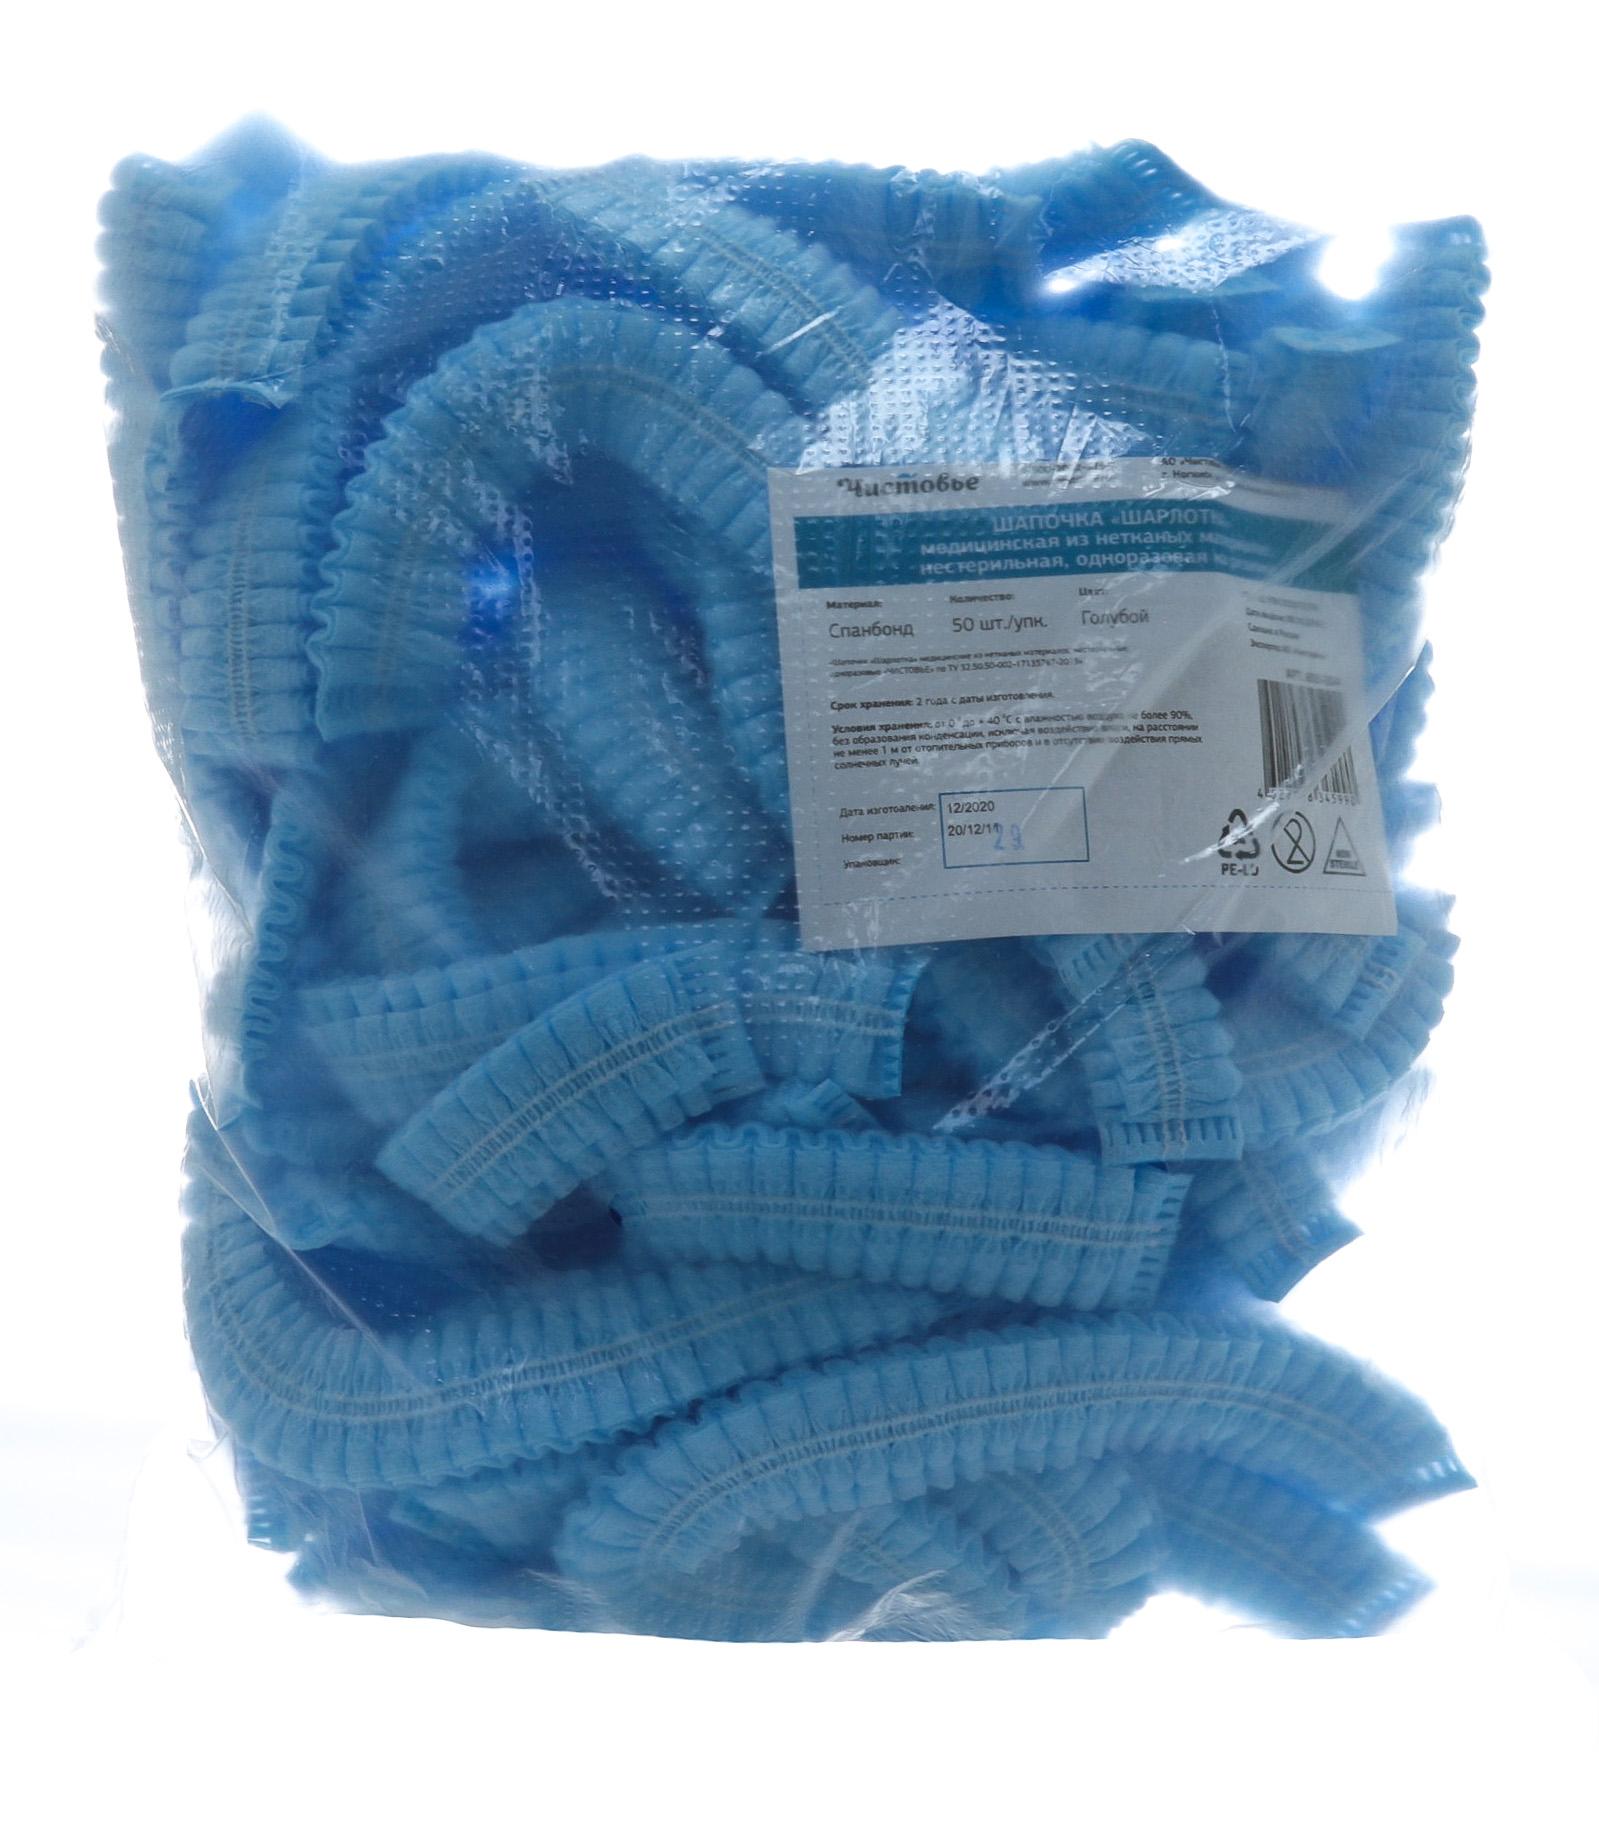 Купить Чистовье Шапочка «Шарлотка» медицинская из нетканых материалов, нестерильная, одноразовая на резинке Голубая, 1 х 50 шт (Чистовье, )